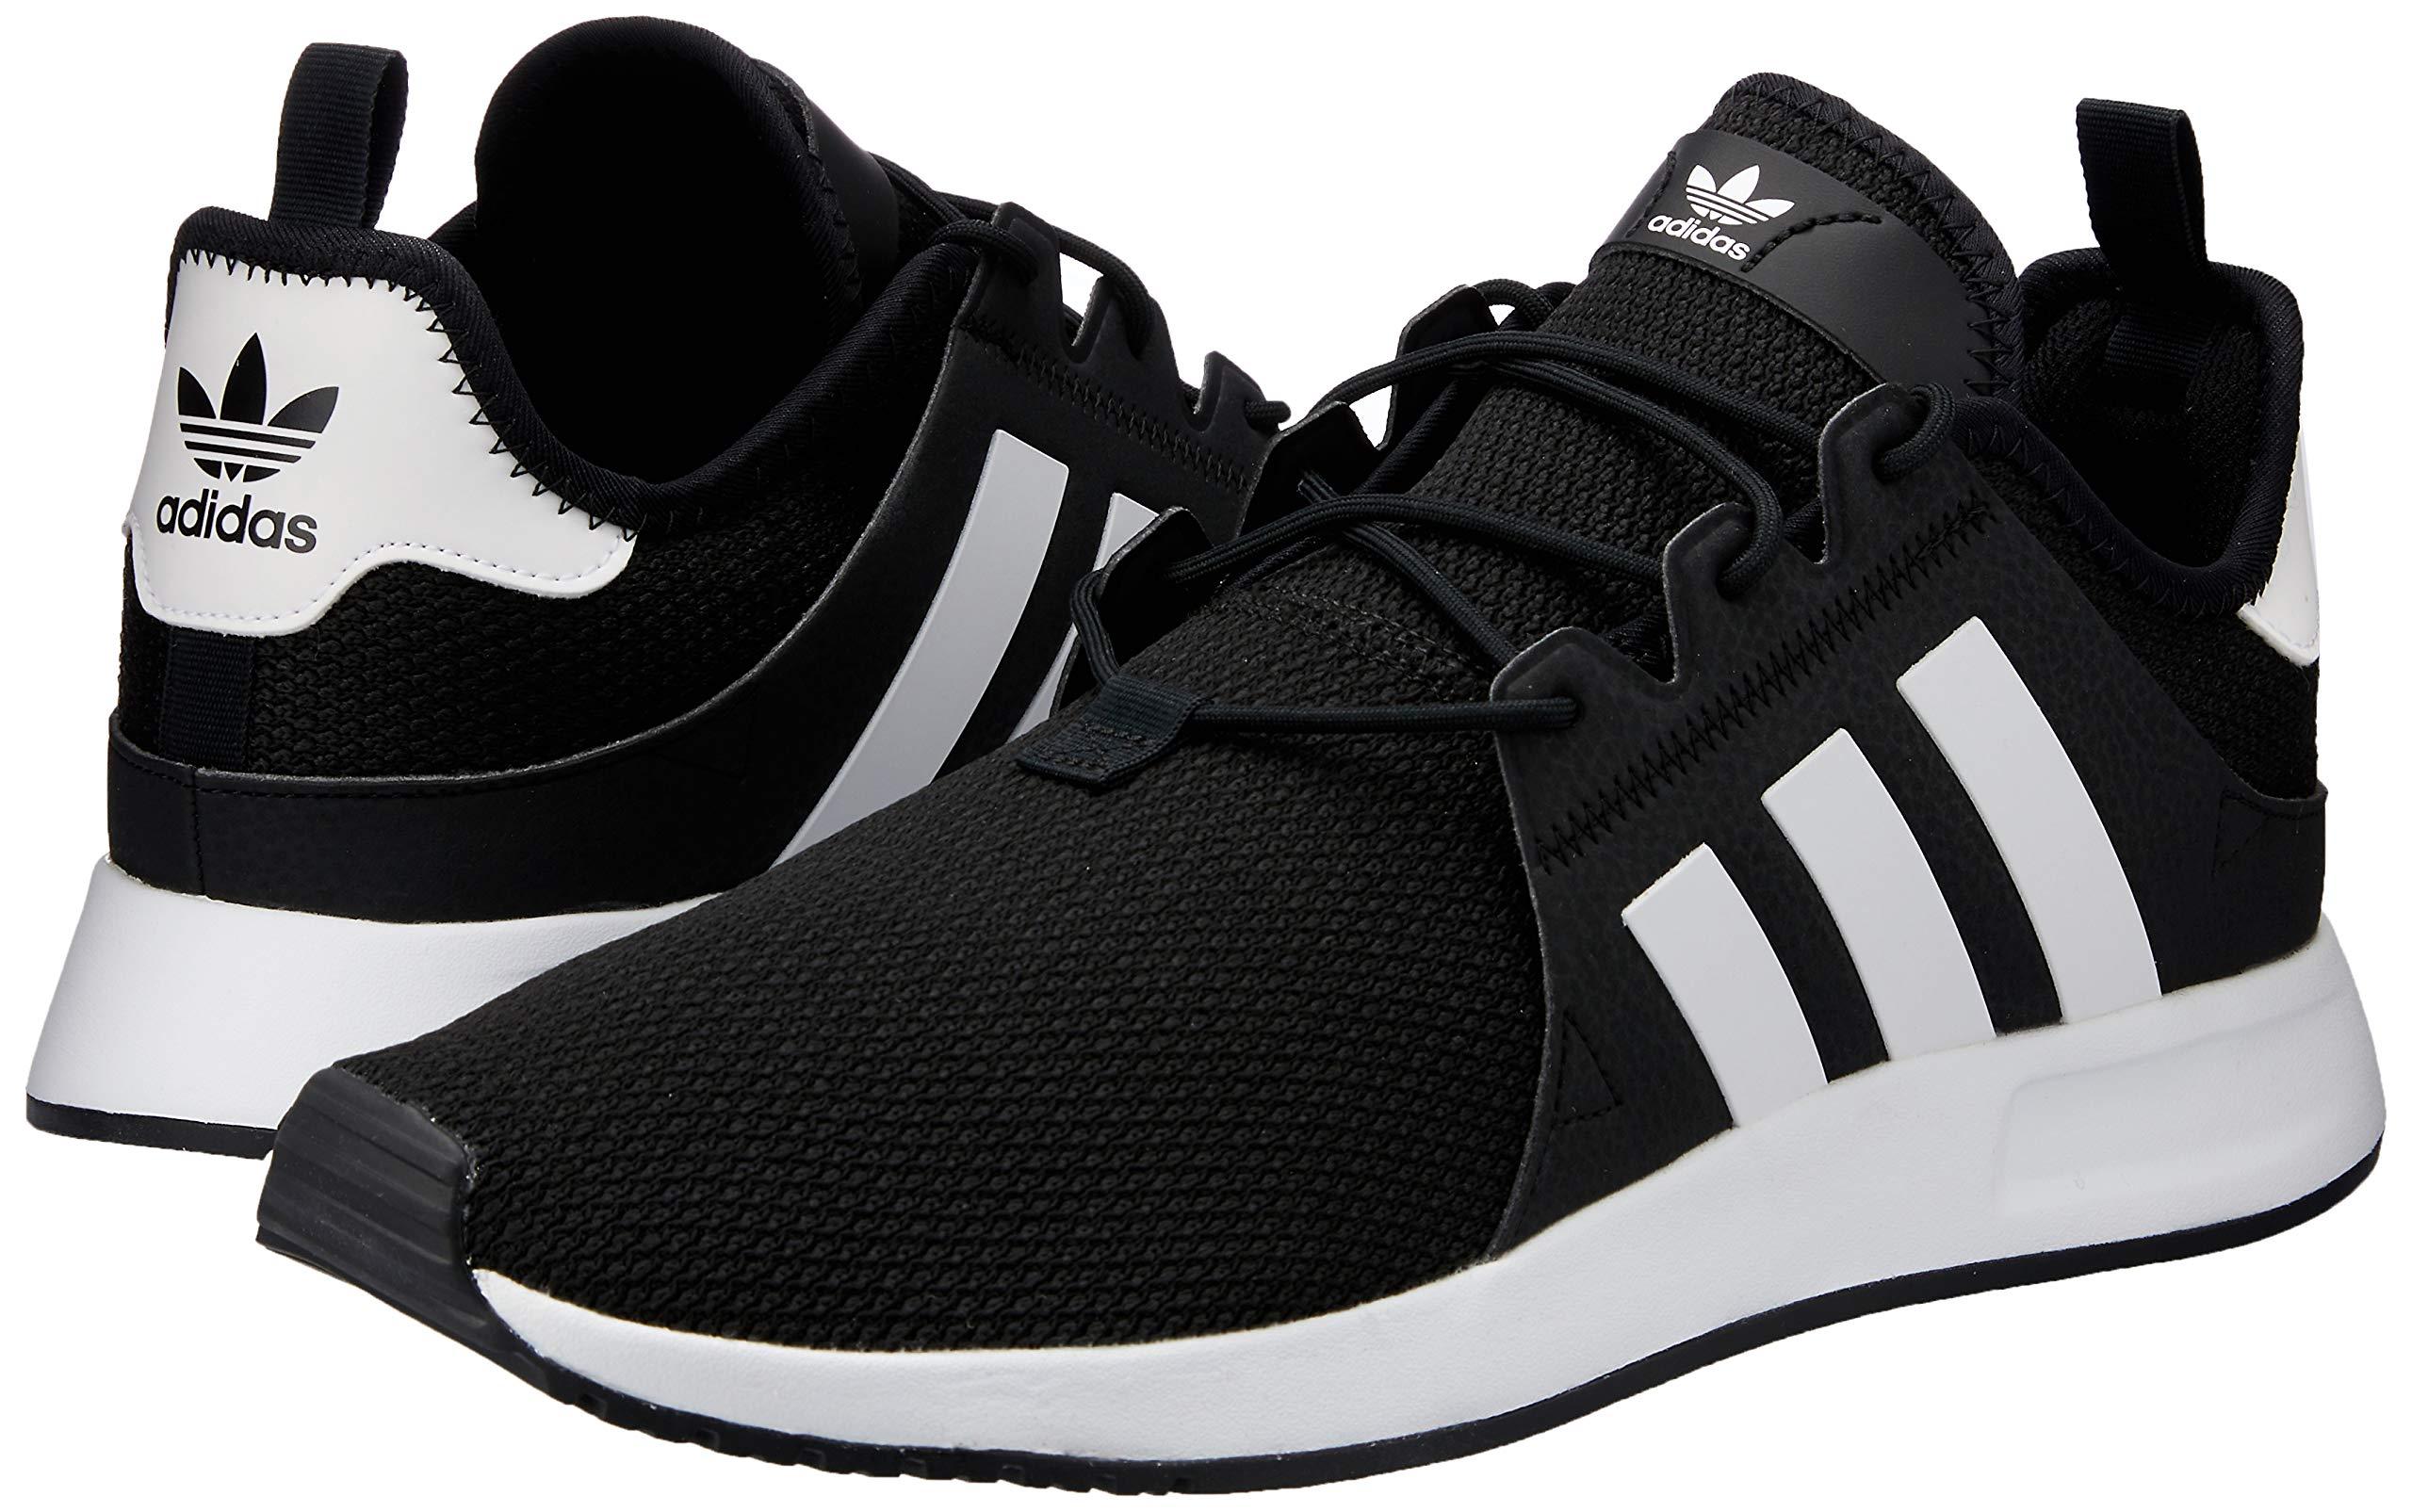 Adidas X_PLR, Scarpe da Fitness Uomo 8 spesavip